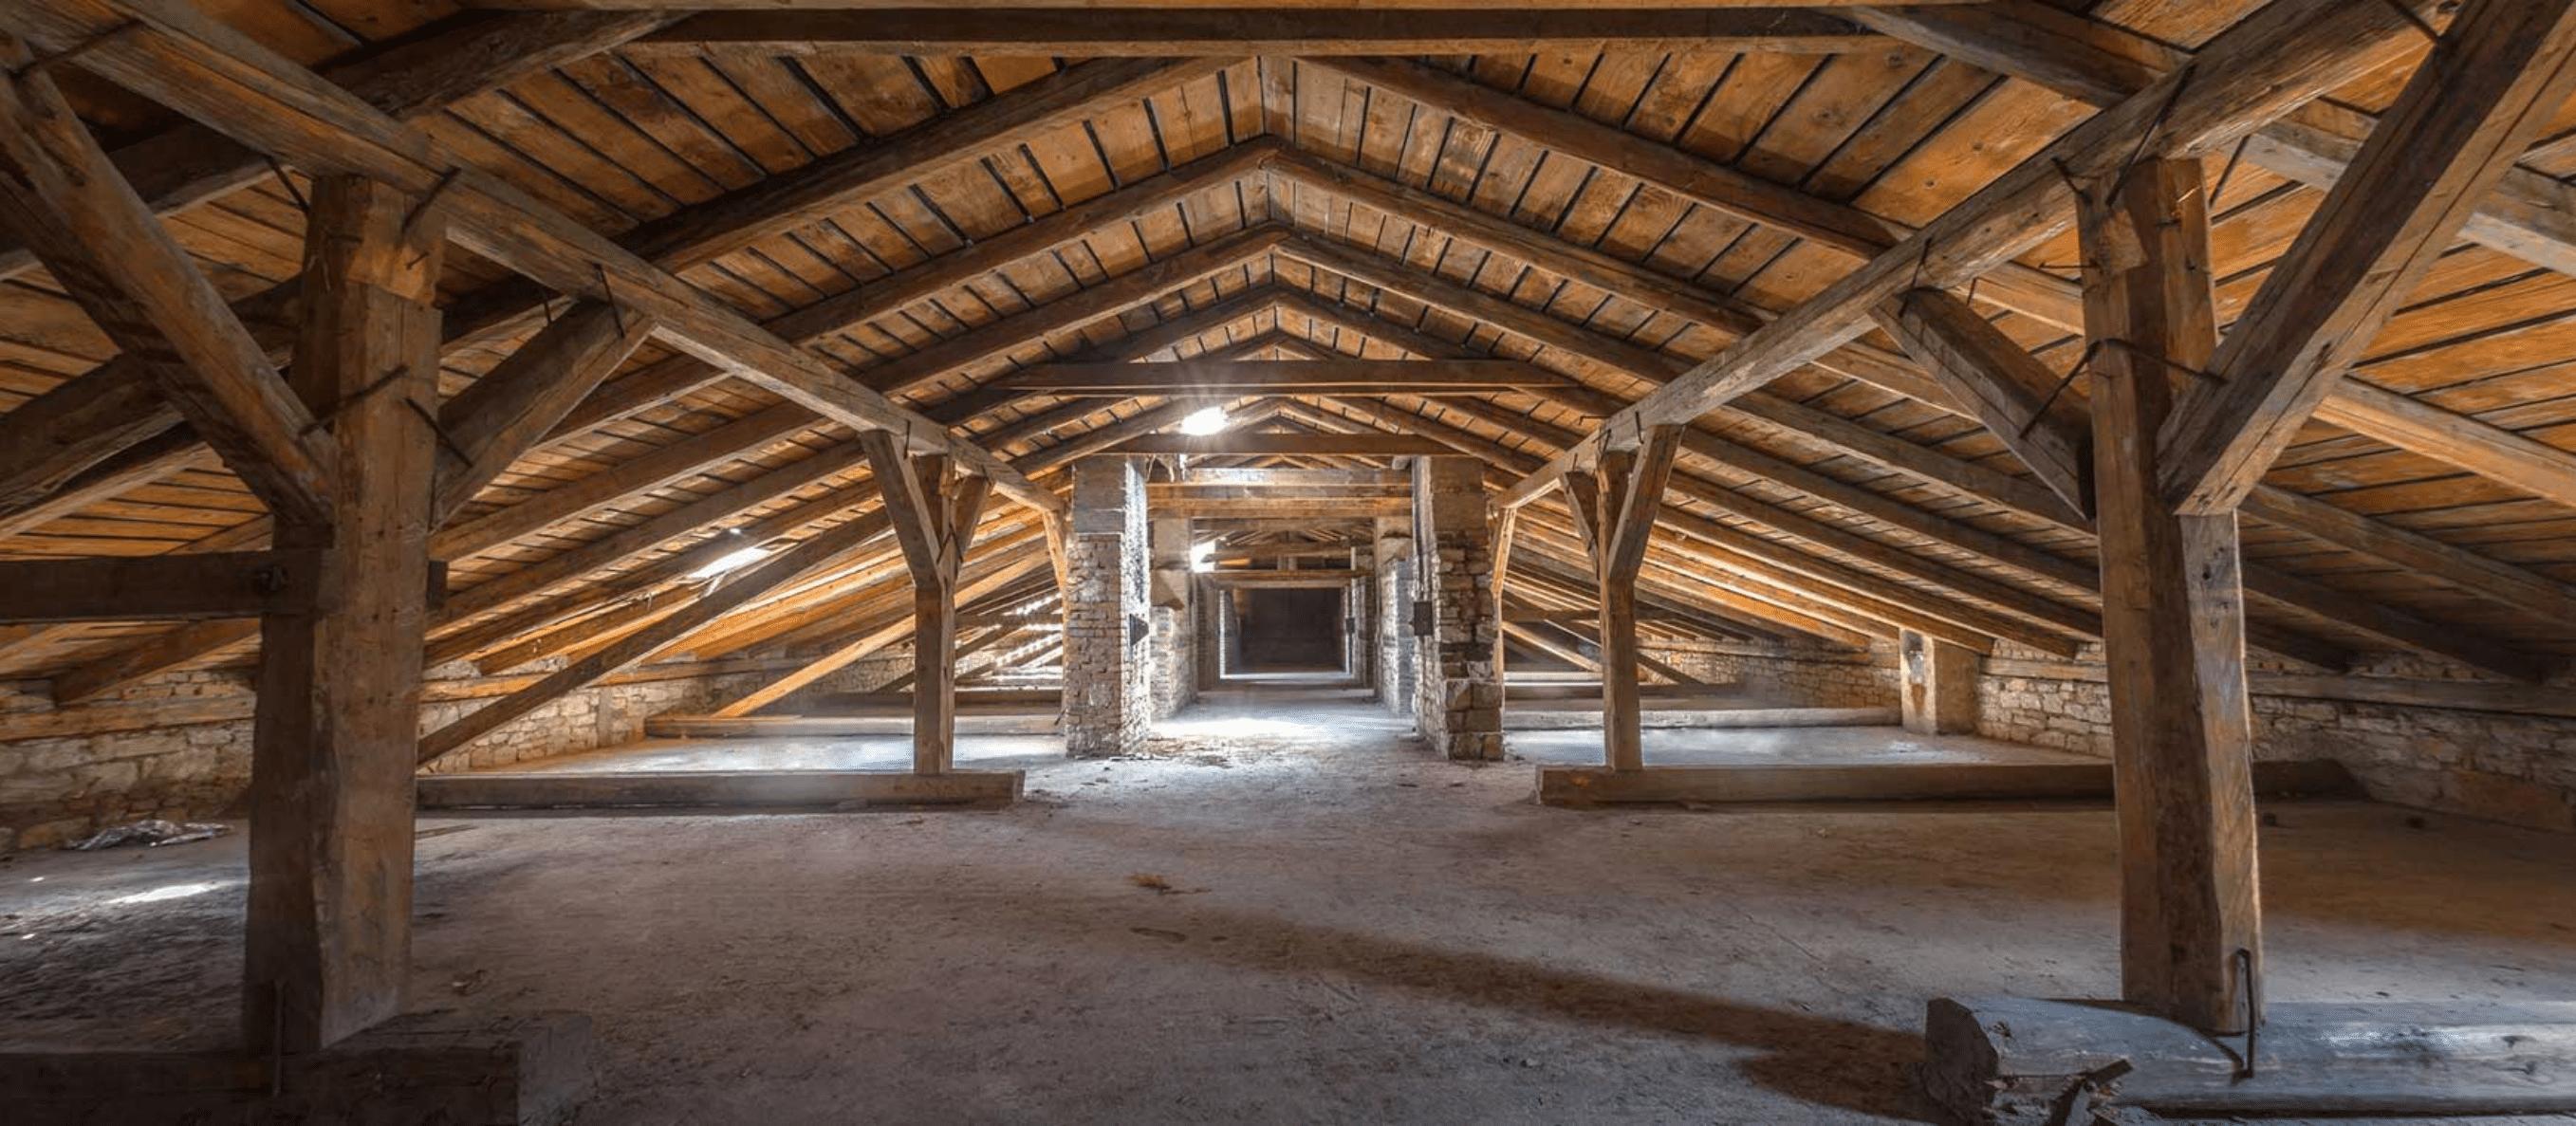 isolation sous toiture - isoler les combles